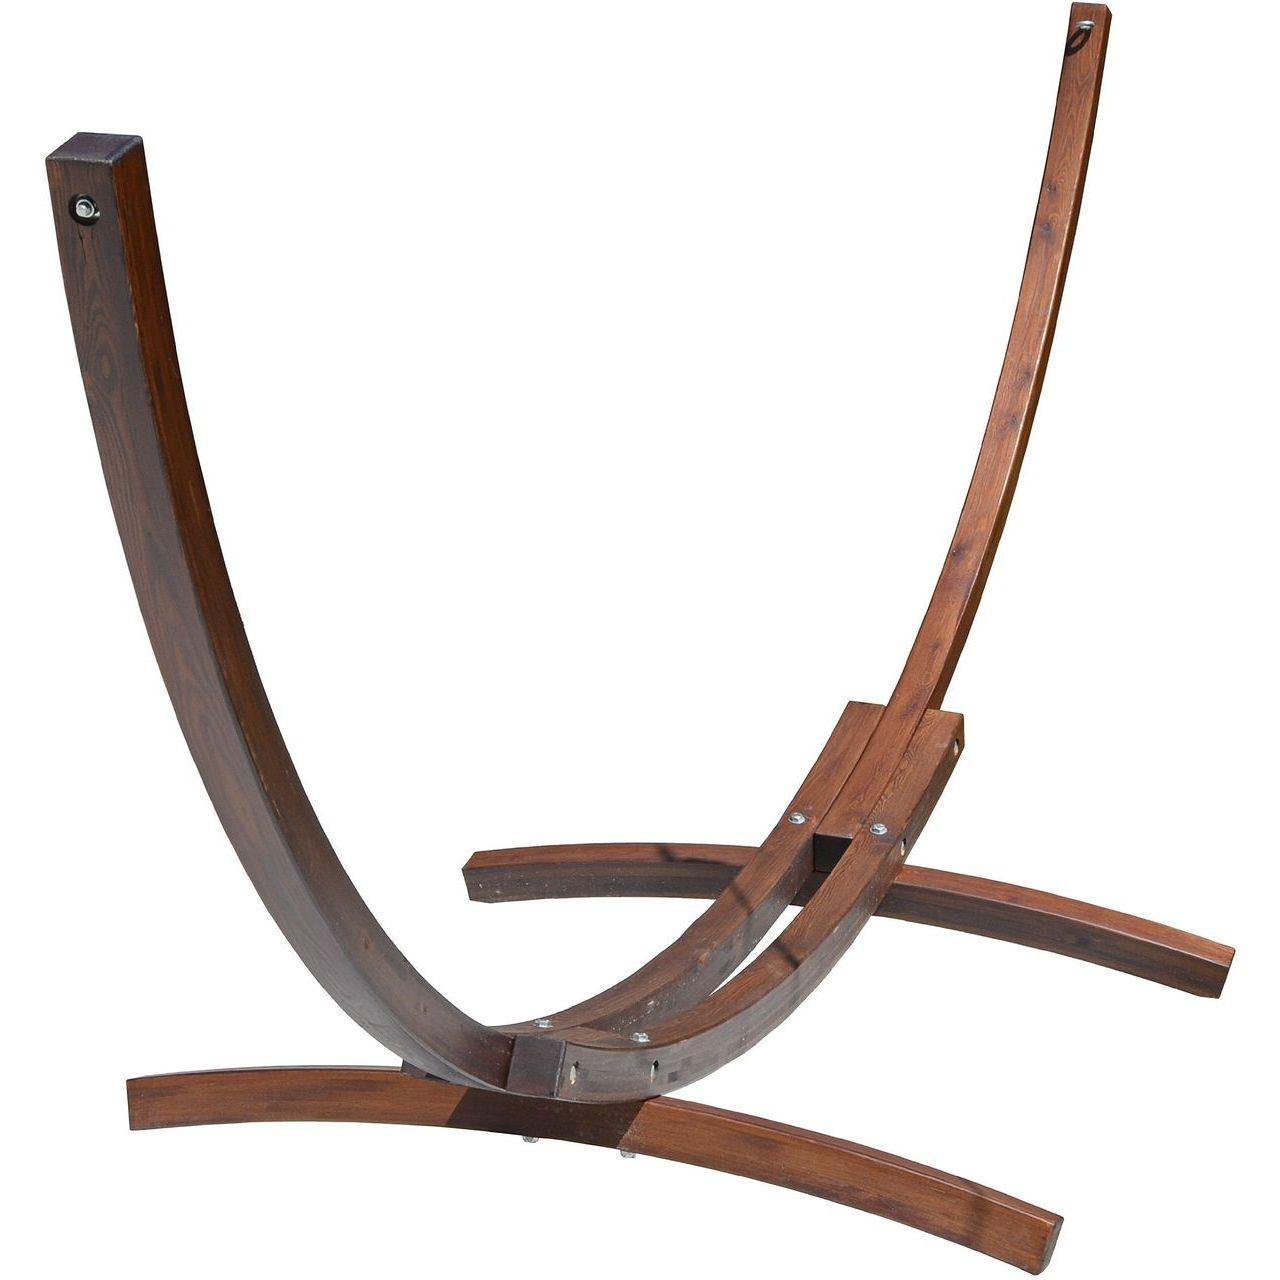 Gleason 12' Wood Arc Frame For 11' Hammocks